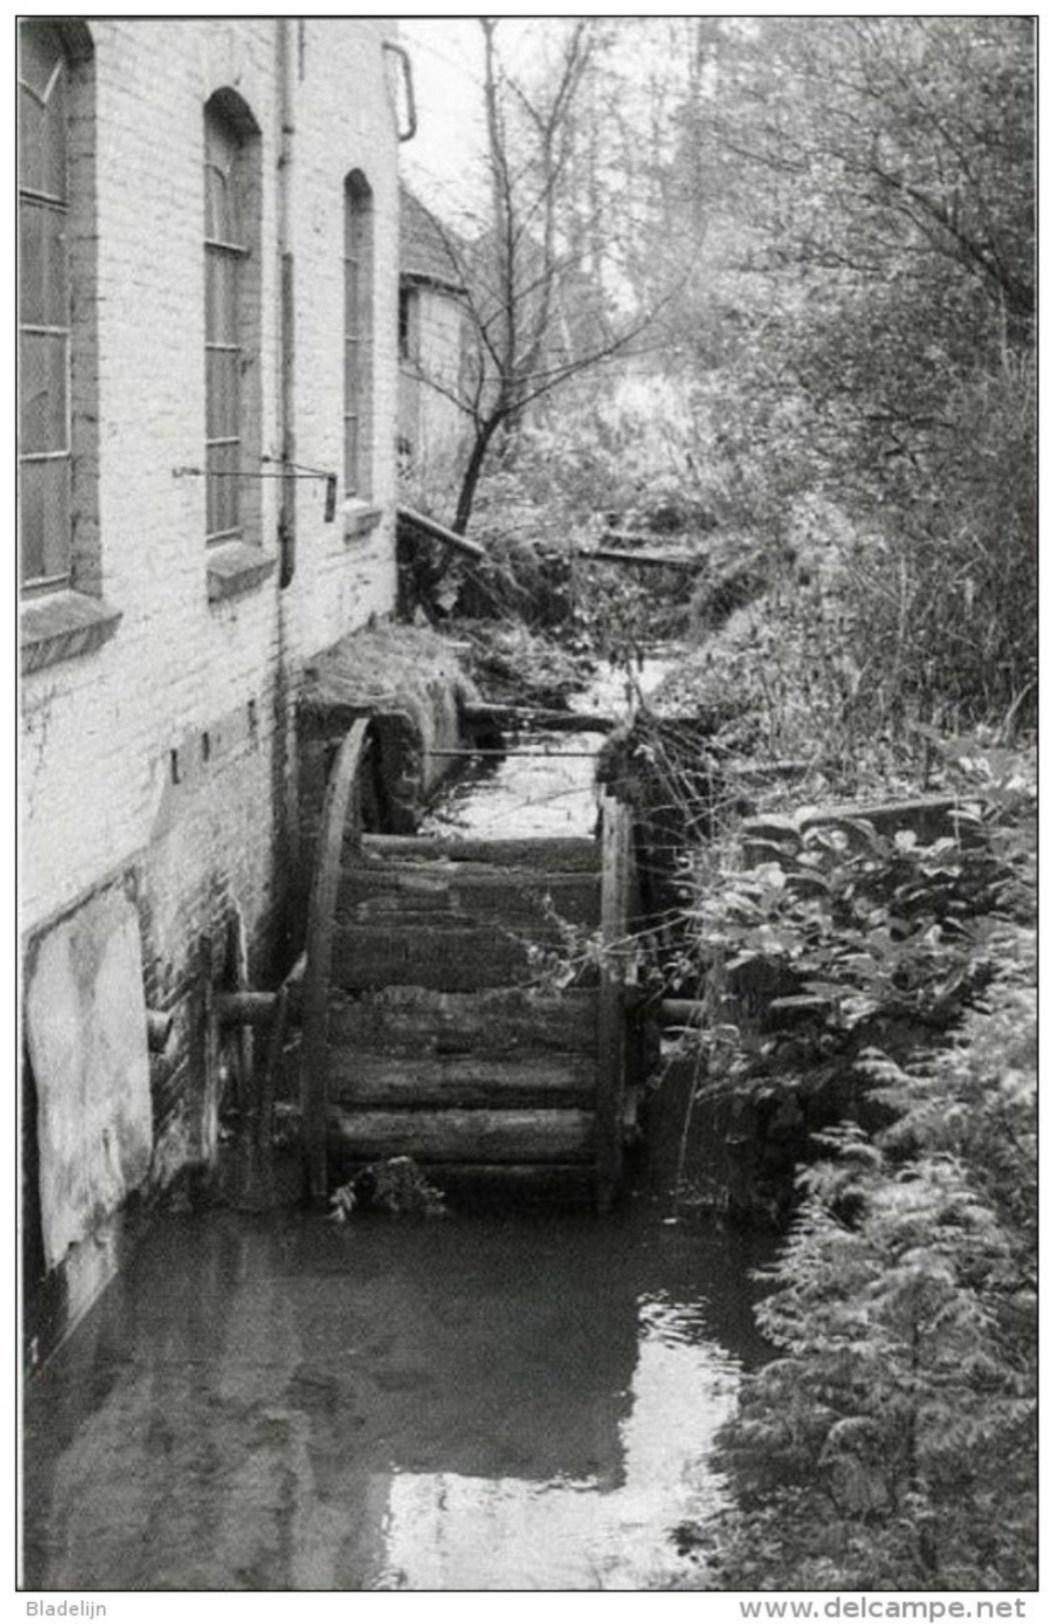 VAASSEN Bij Epe (Gelderland) - Molen/moulin - Verdwenen Watermolen ´Het Kraaiennest´. Historische Opname Uit 1969. - Epe